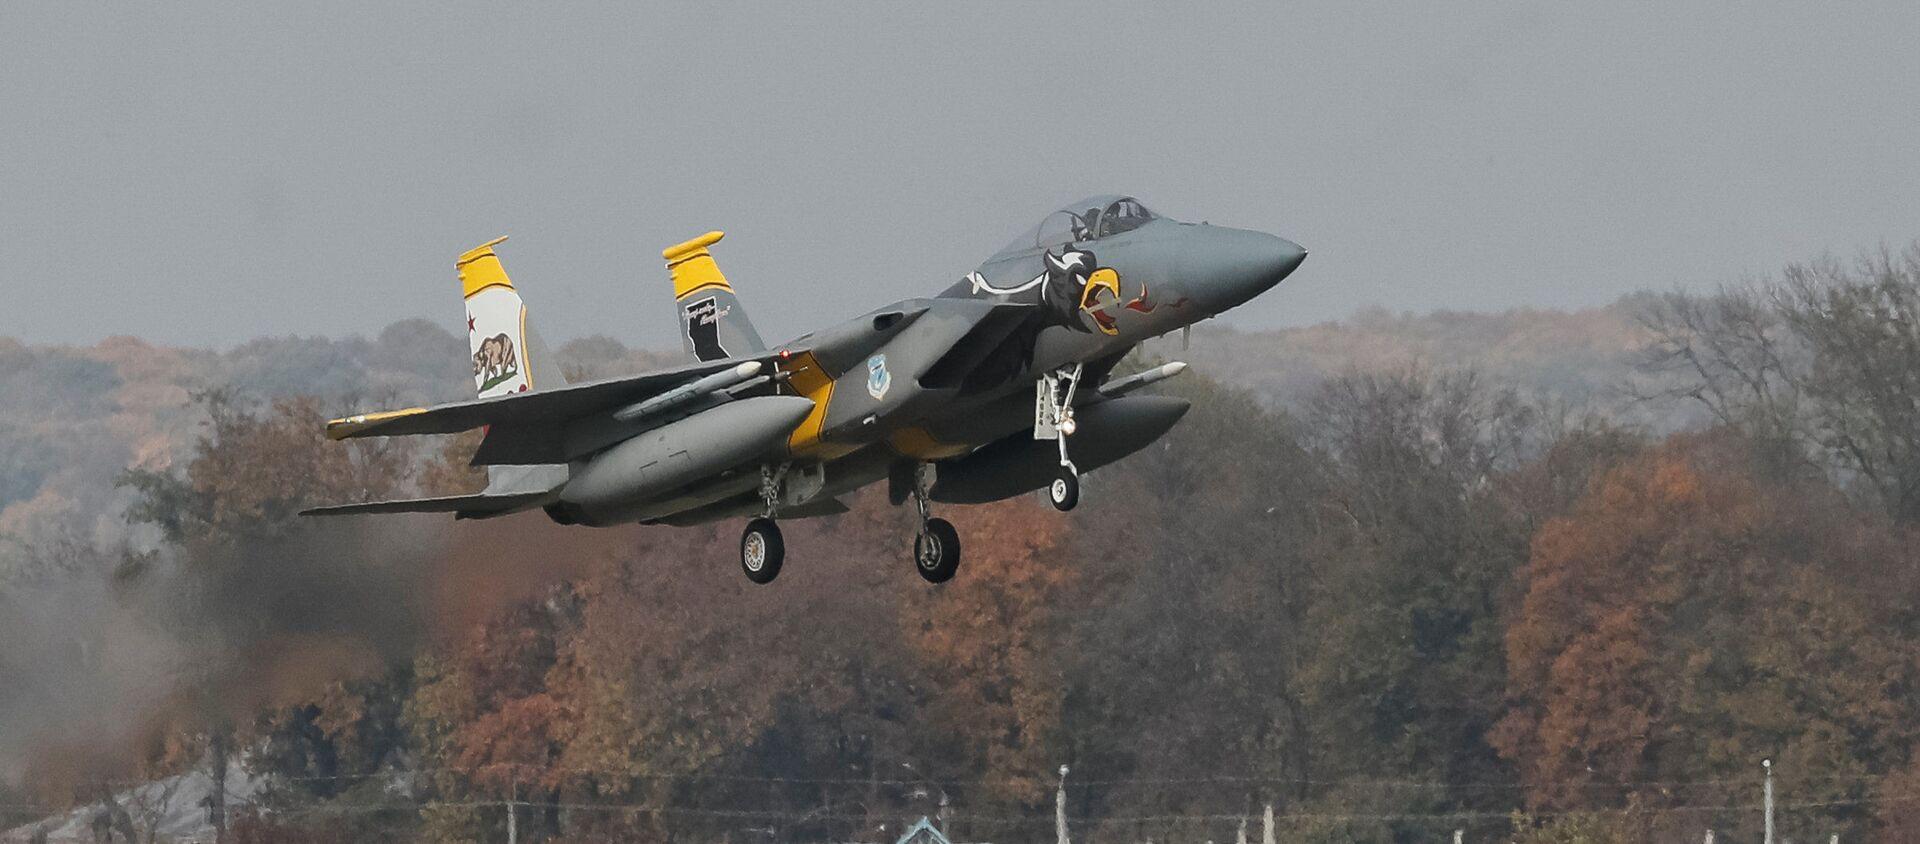 Máy bay chiến đấu F-15 của Không quân Hoa Kỳ tham gia cuộc tập trận Clear Sky-2018 ở Ukraina - Sputnik Việt Nam, 1920, 11.02.2021